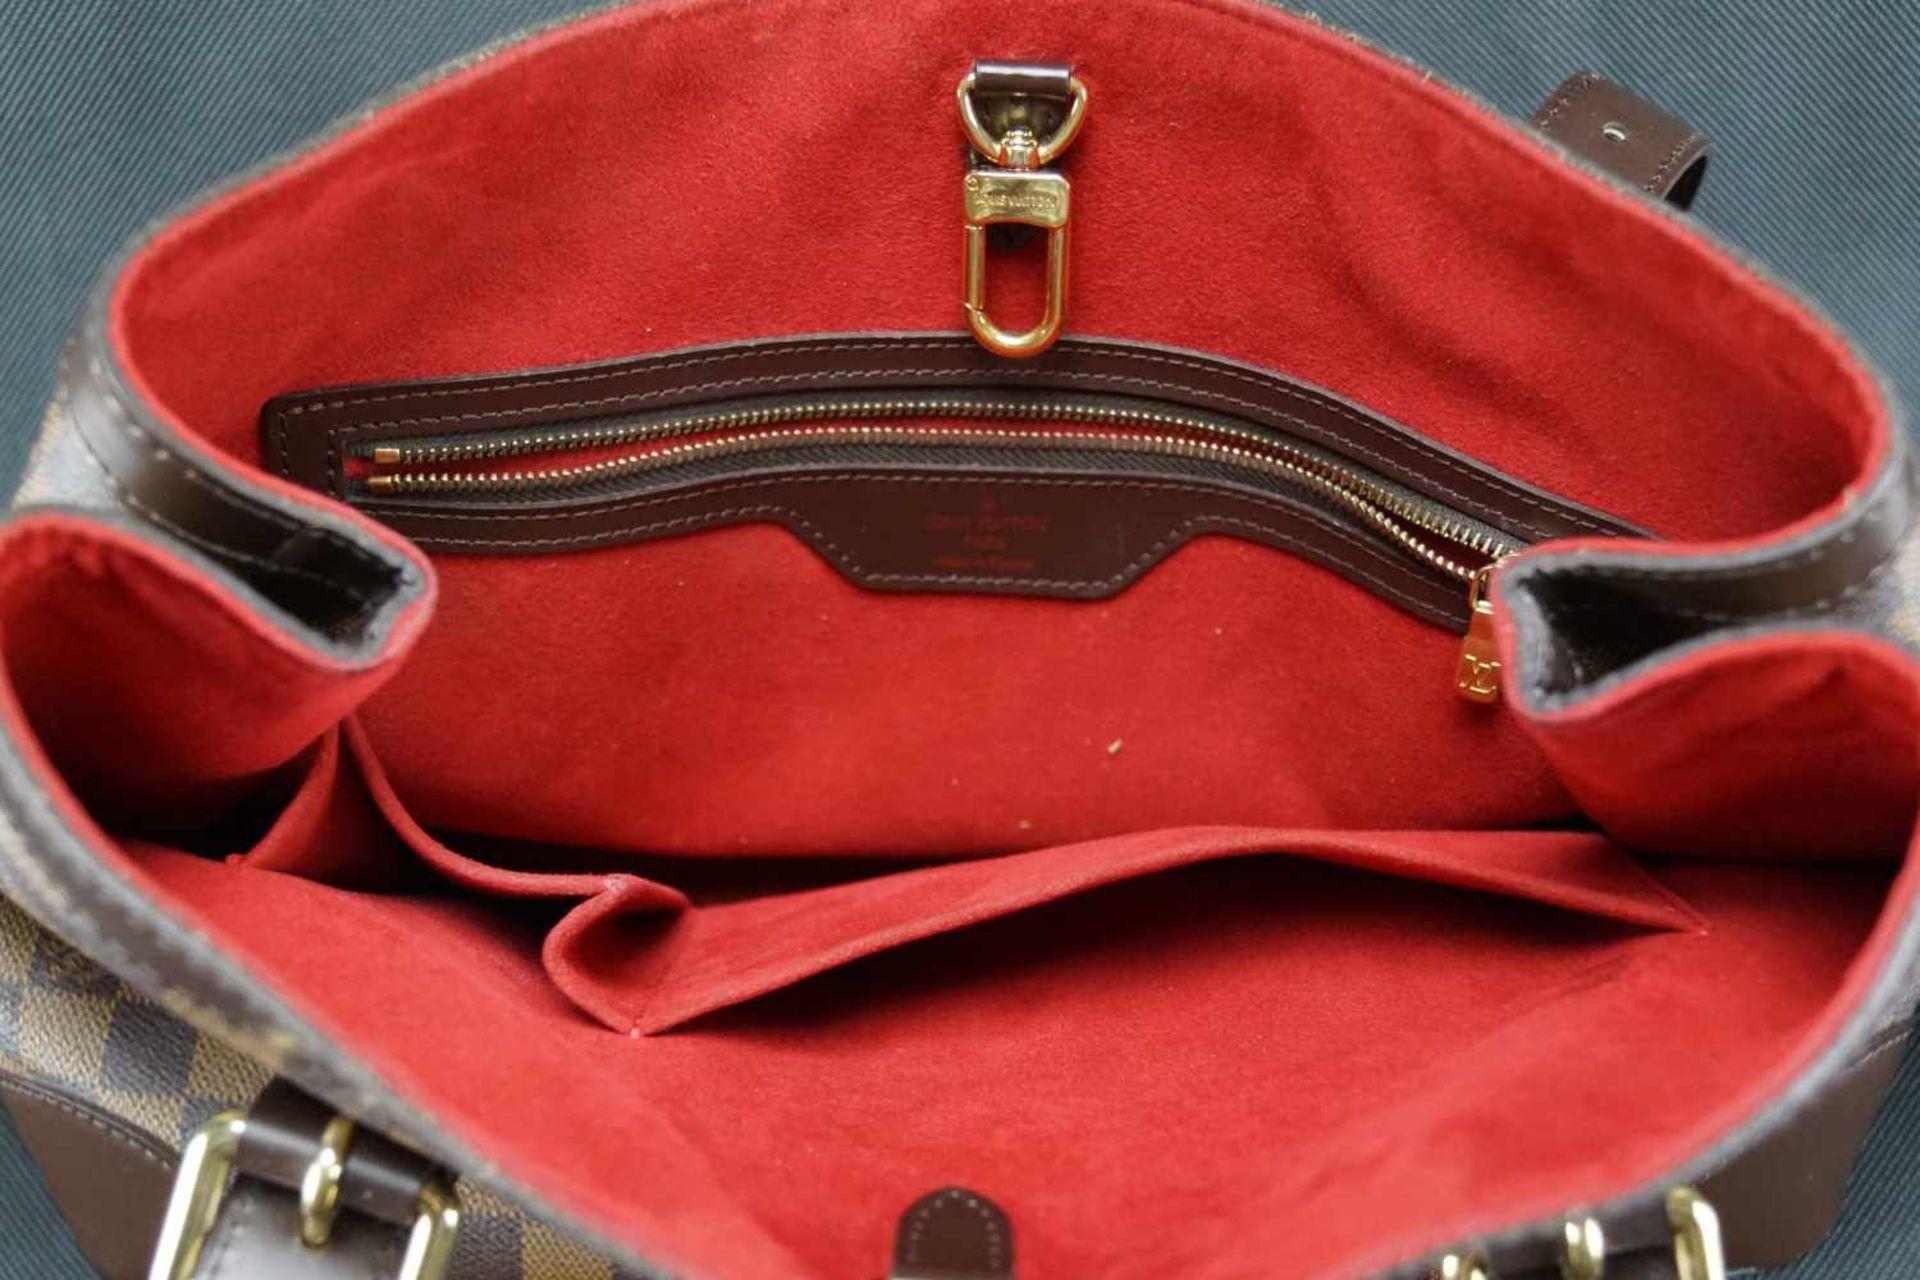 Louis Vuitton Handtasche Damier Hampstead PM, Höhe ca. 22 cm x Breite ca. 34 cm, Date Code TH3058, - Bild 4 aus 6